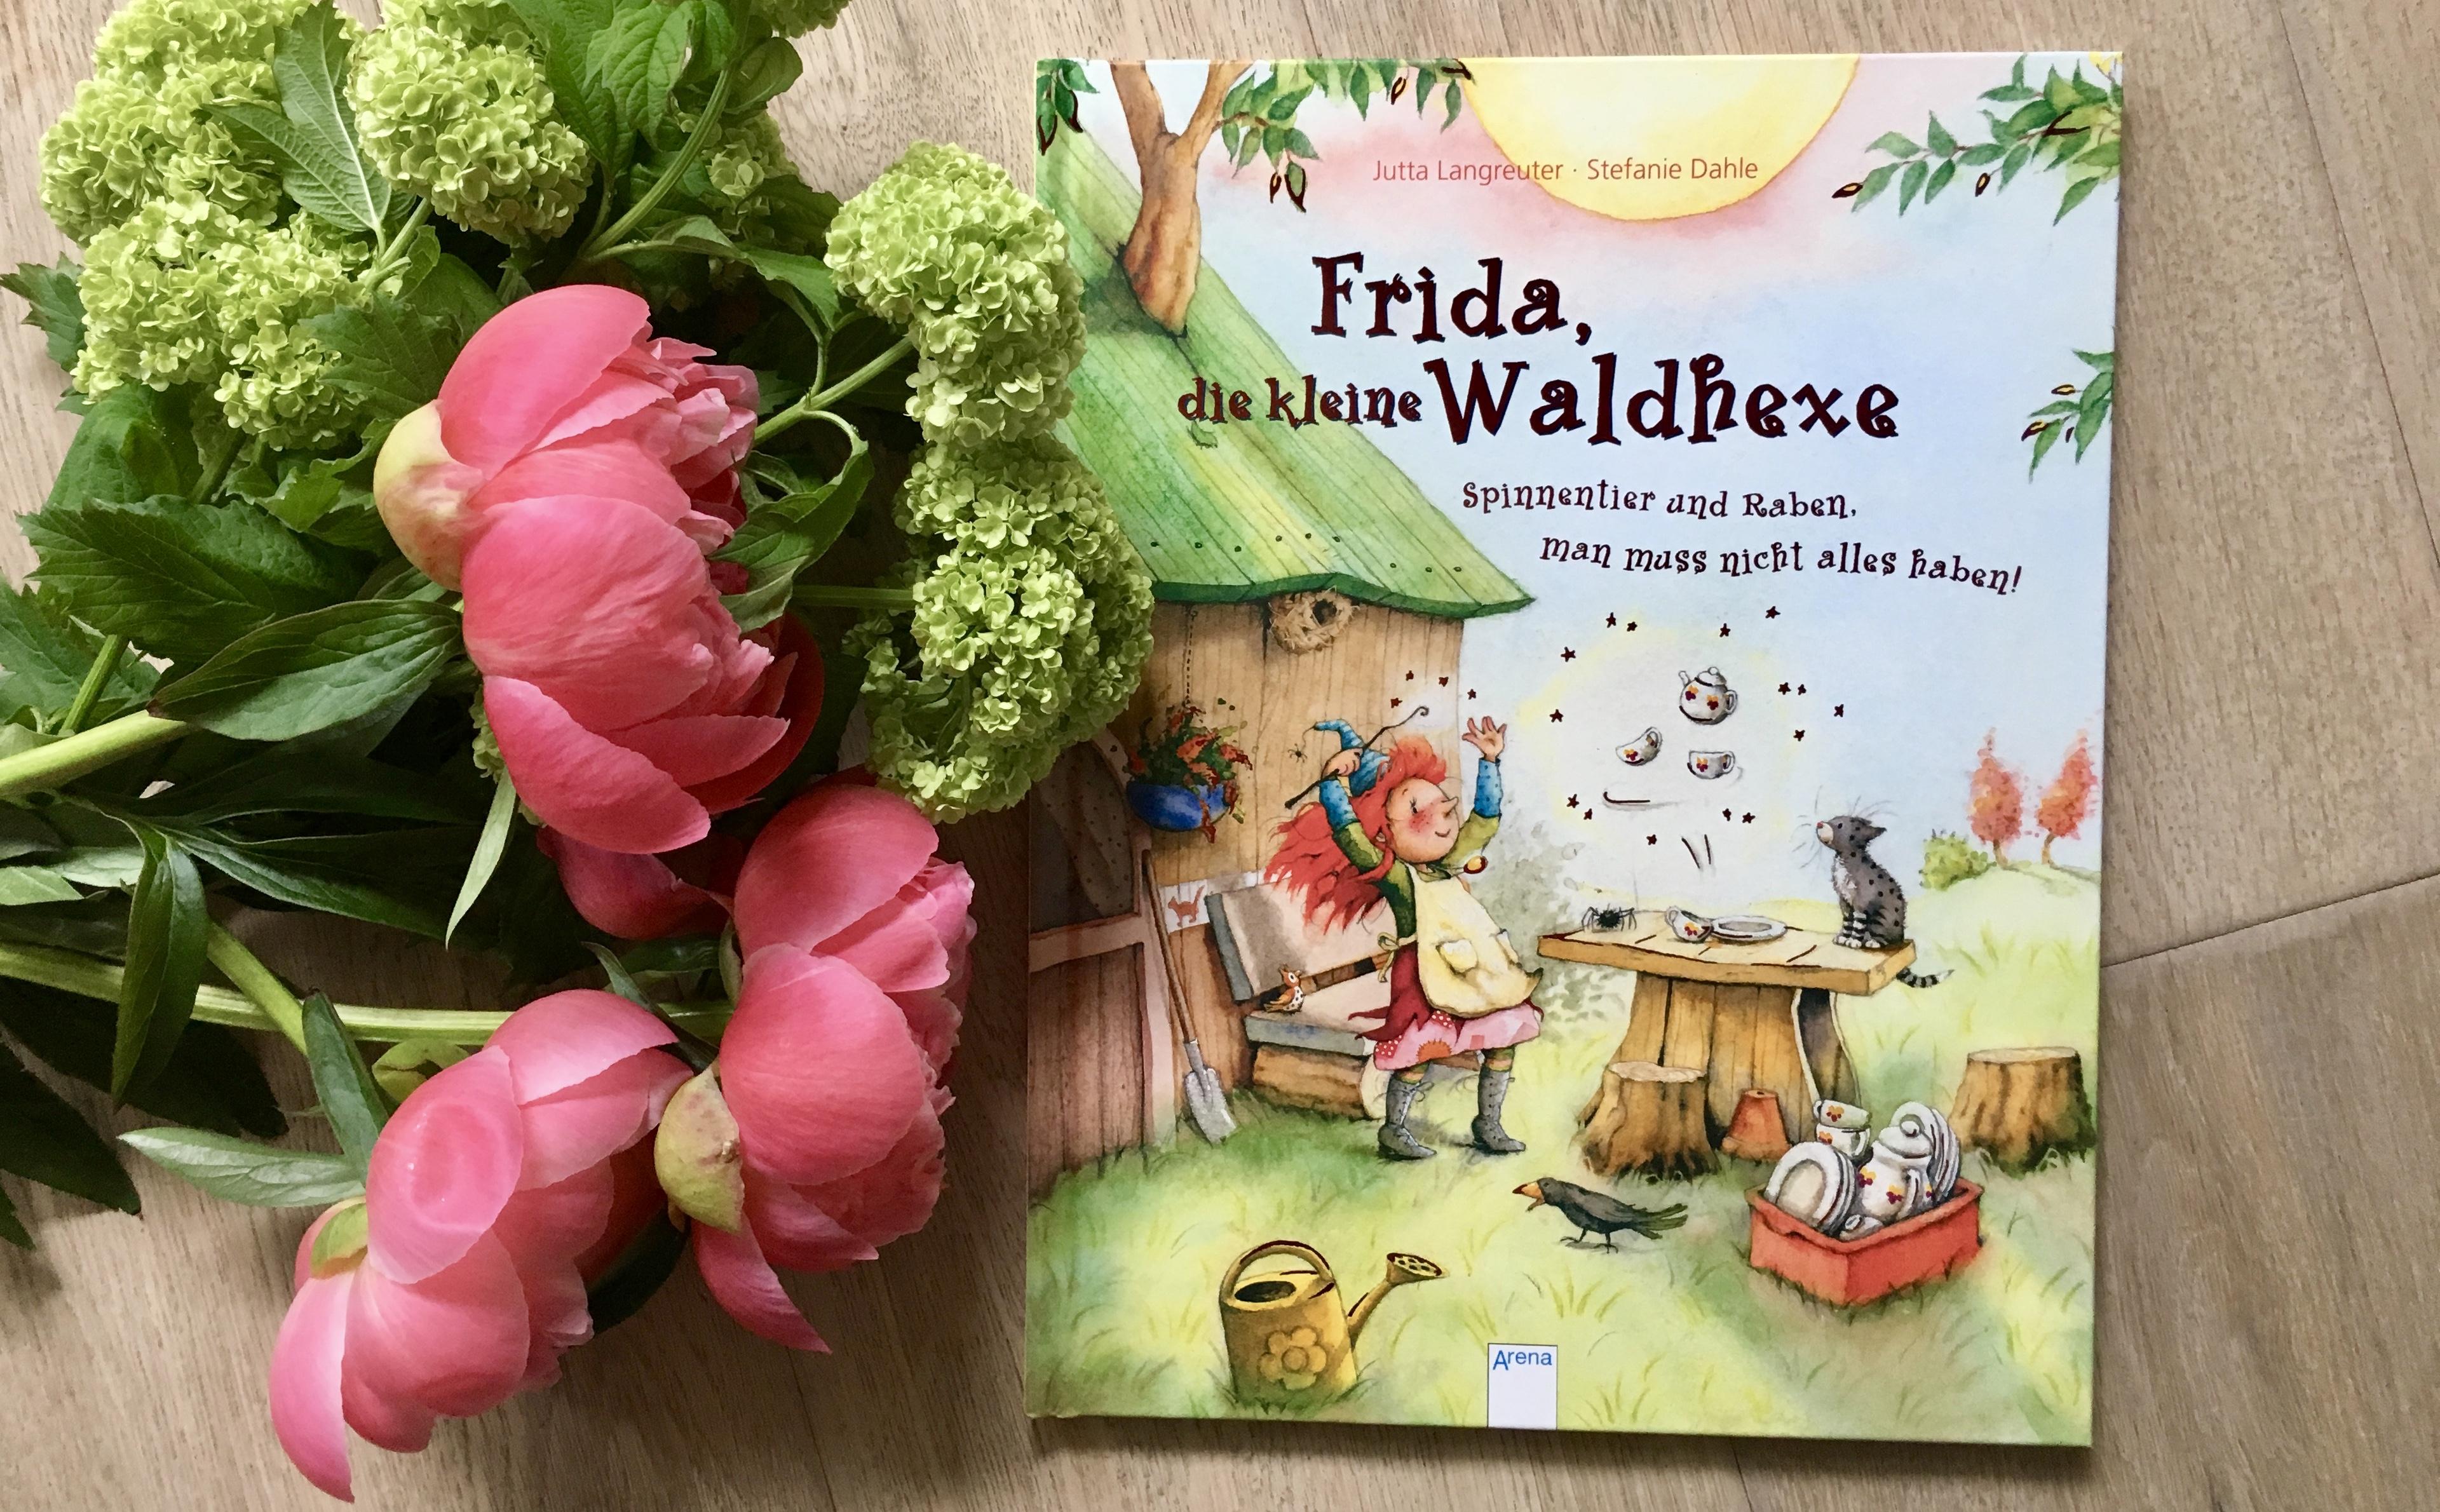 Frida, die kleine Waldhexe - Spinnentier und Raben, man muss nicht alles haben Jutta Langreuter (Text) und Stefanie Dahle (Illustration)